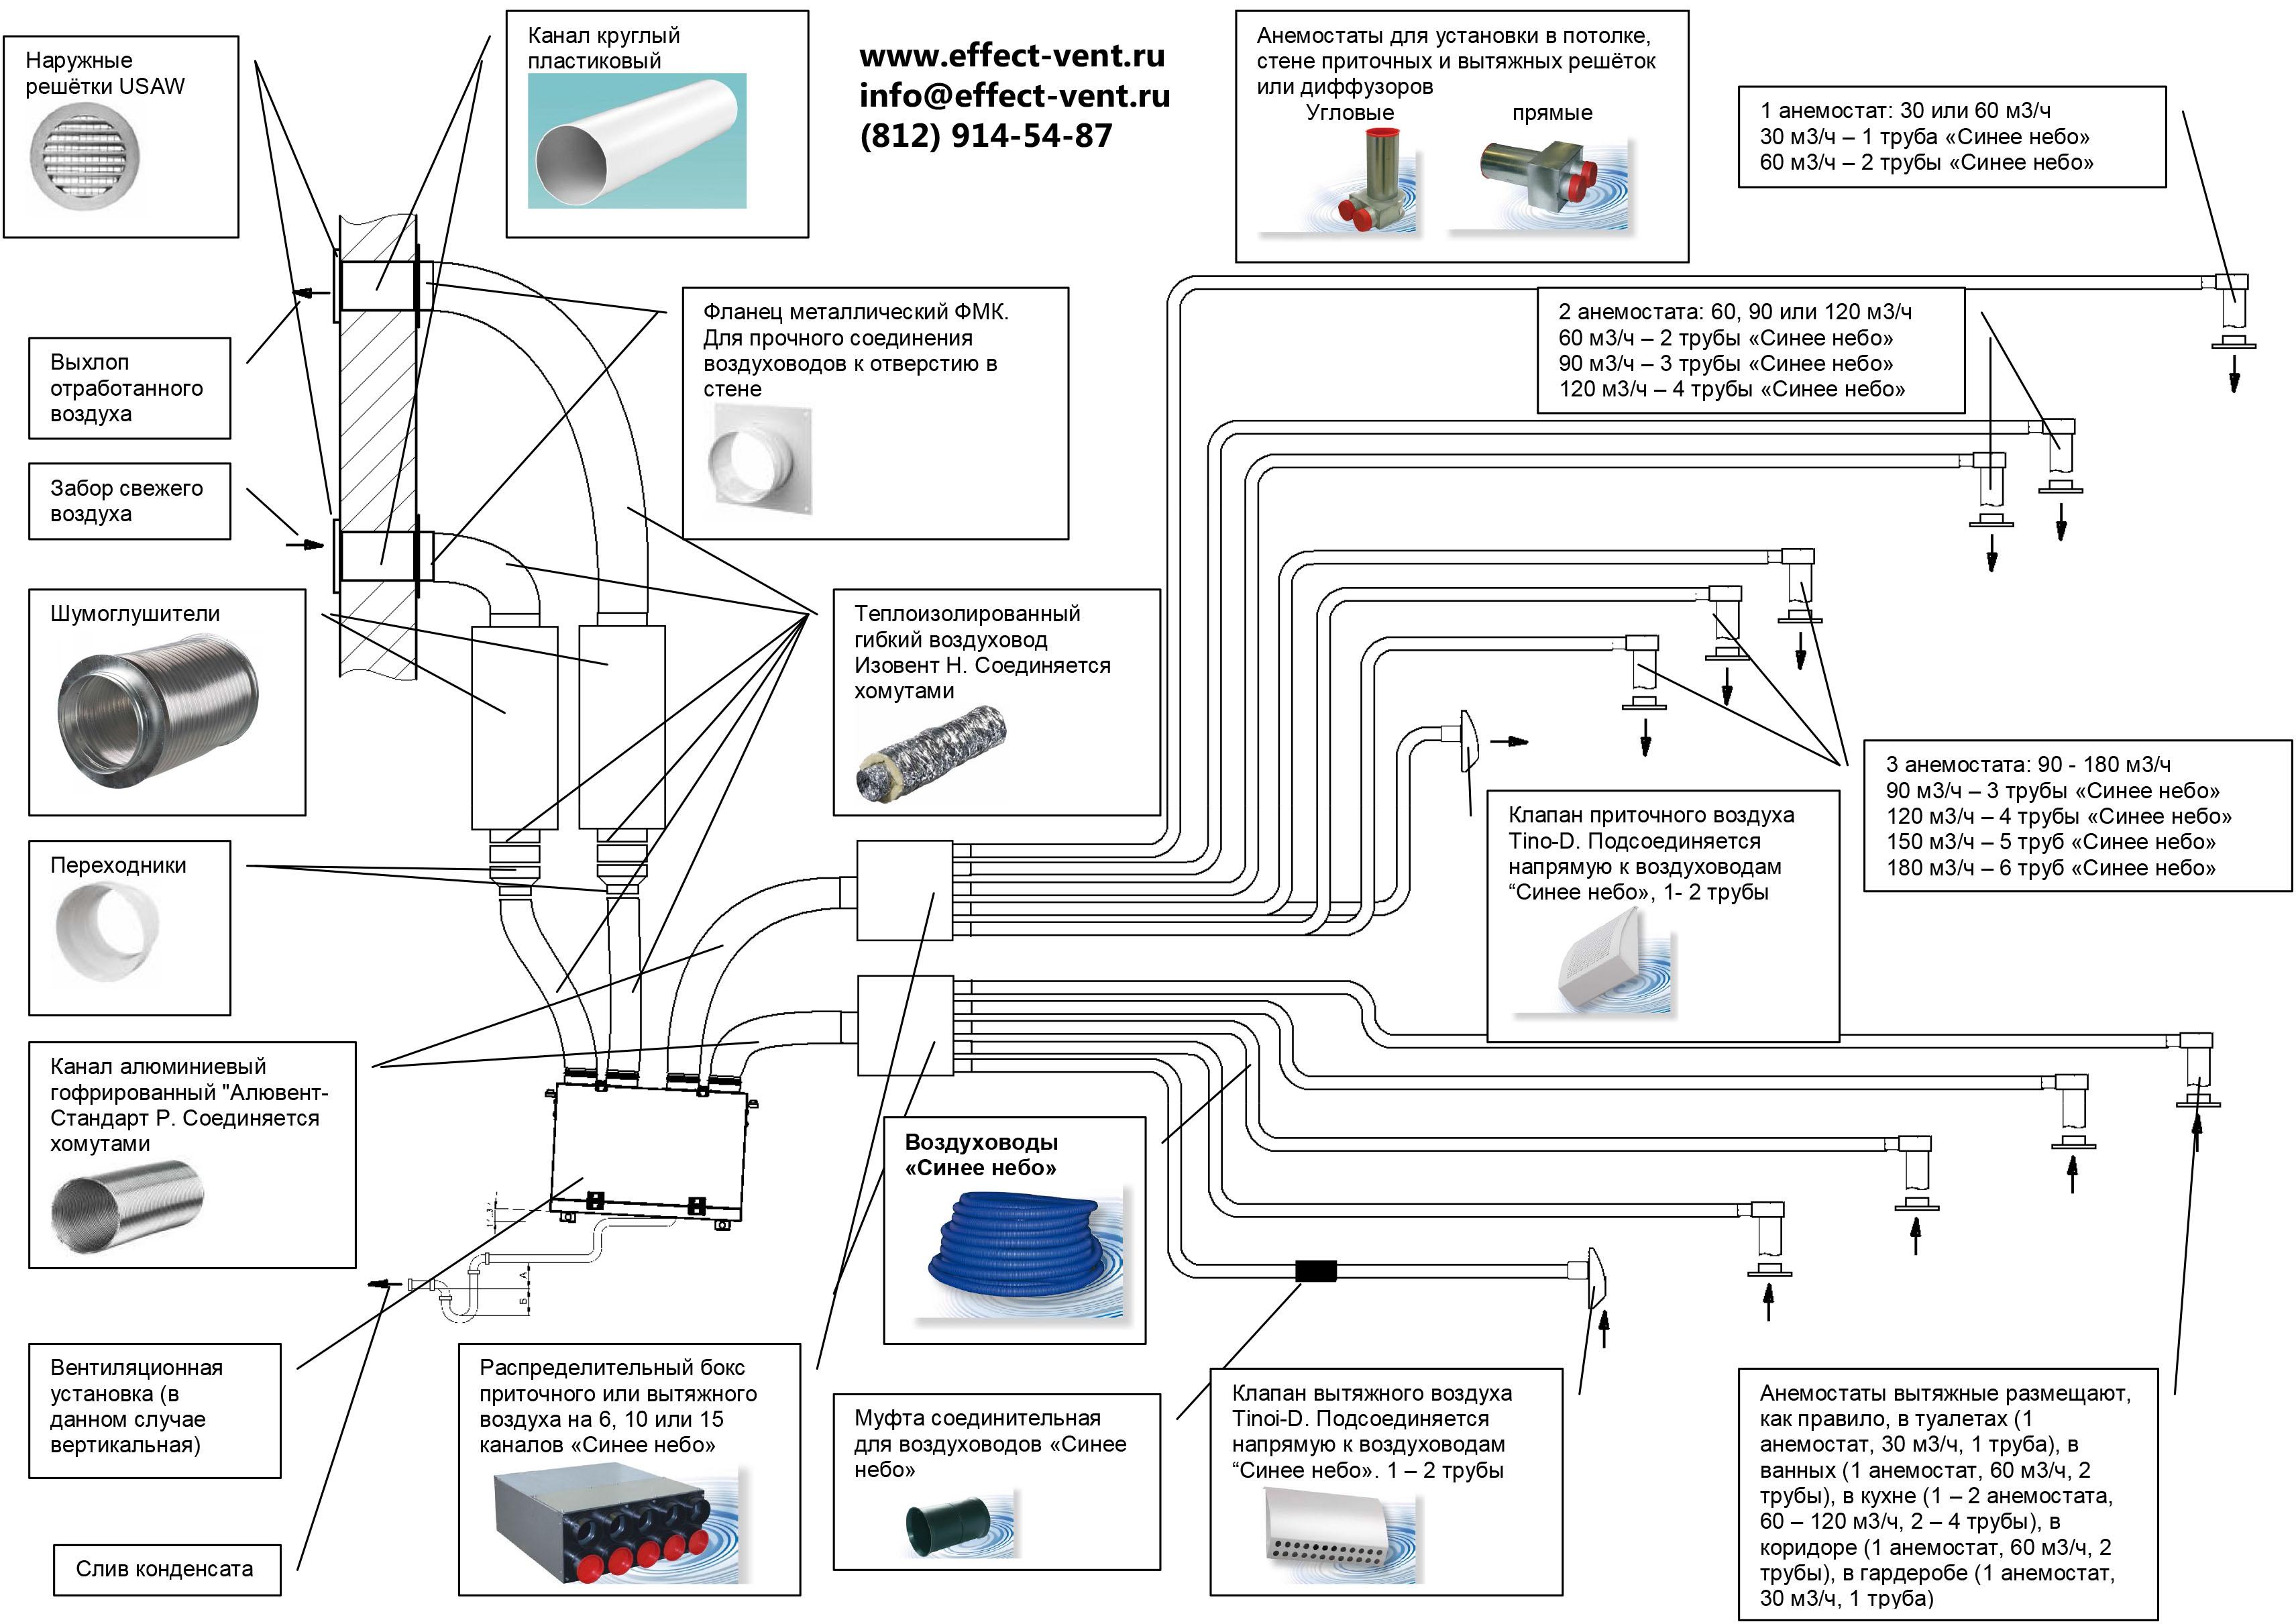 Схемы системы вентиляции с противопожарным клапаном